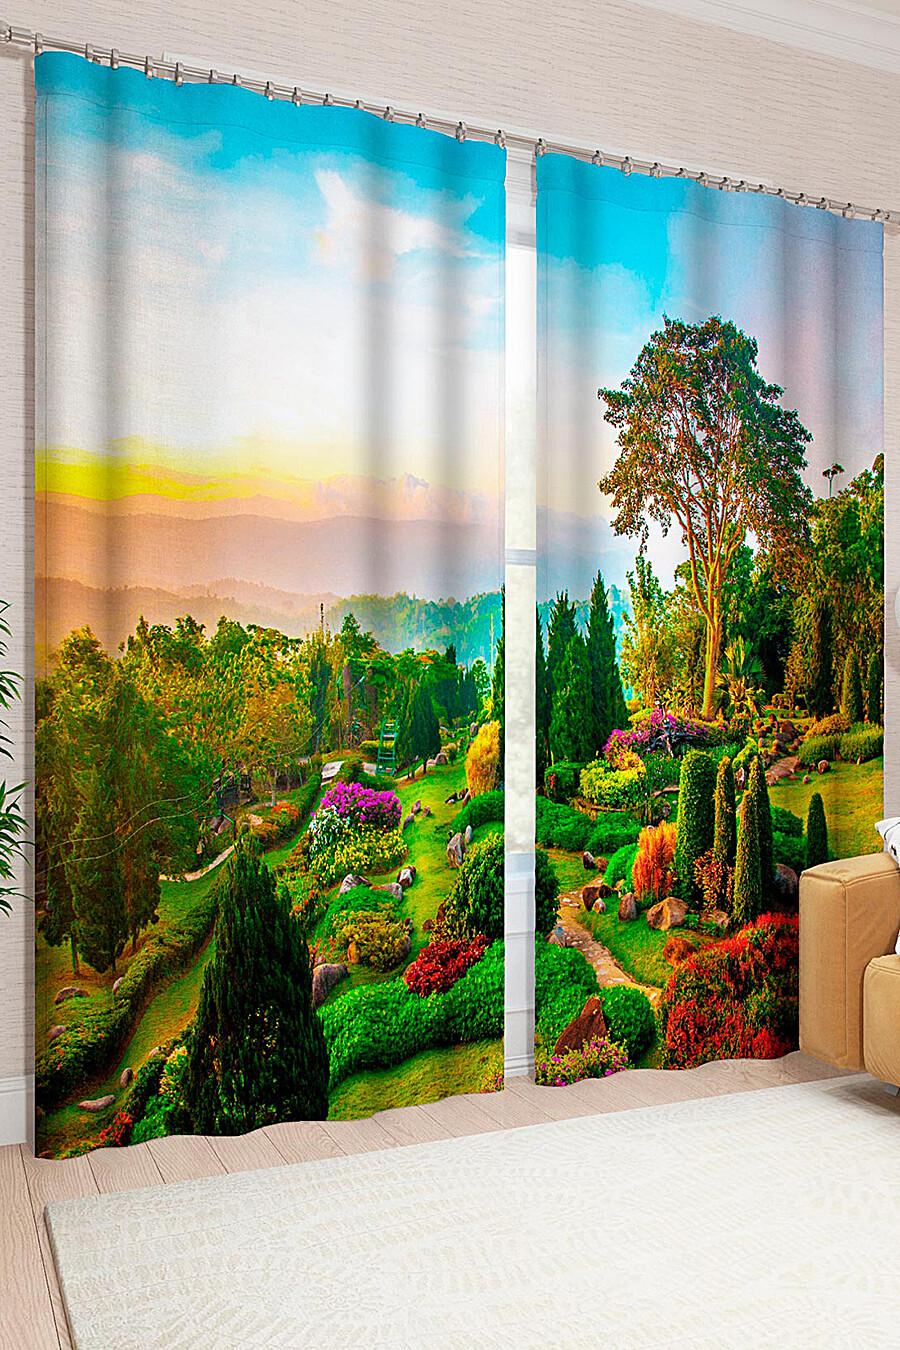 Фотошторы для дома ART HOME TEXTILE 123514 купить оптом от производителя. Совместная покупка товаров для дома в OptMoyo